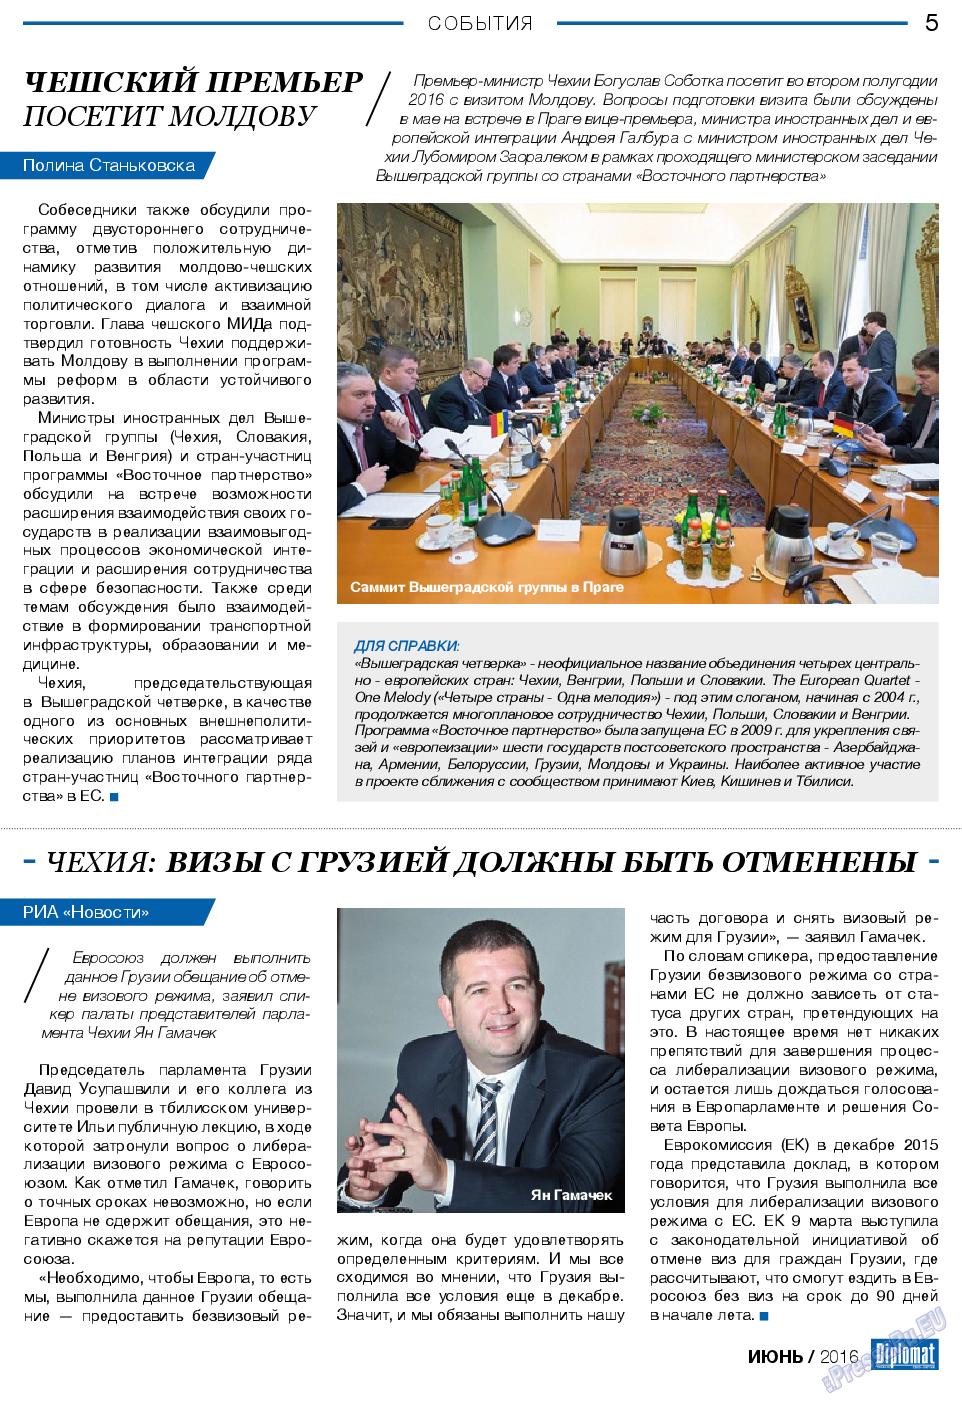 Diplomat (газета). 2016 год, номер 81, стр. 5